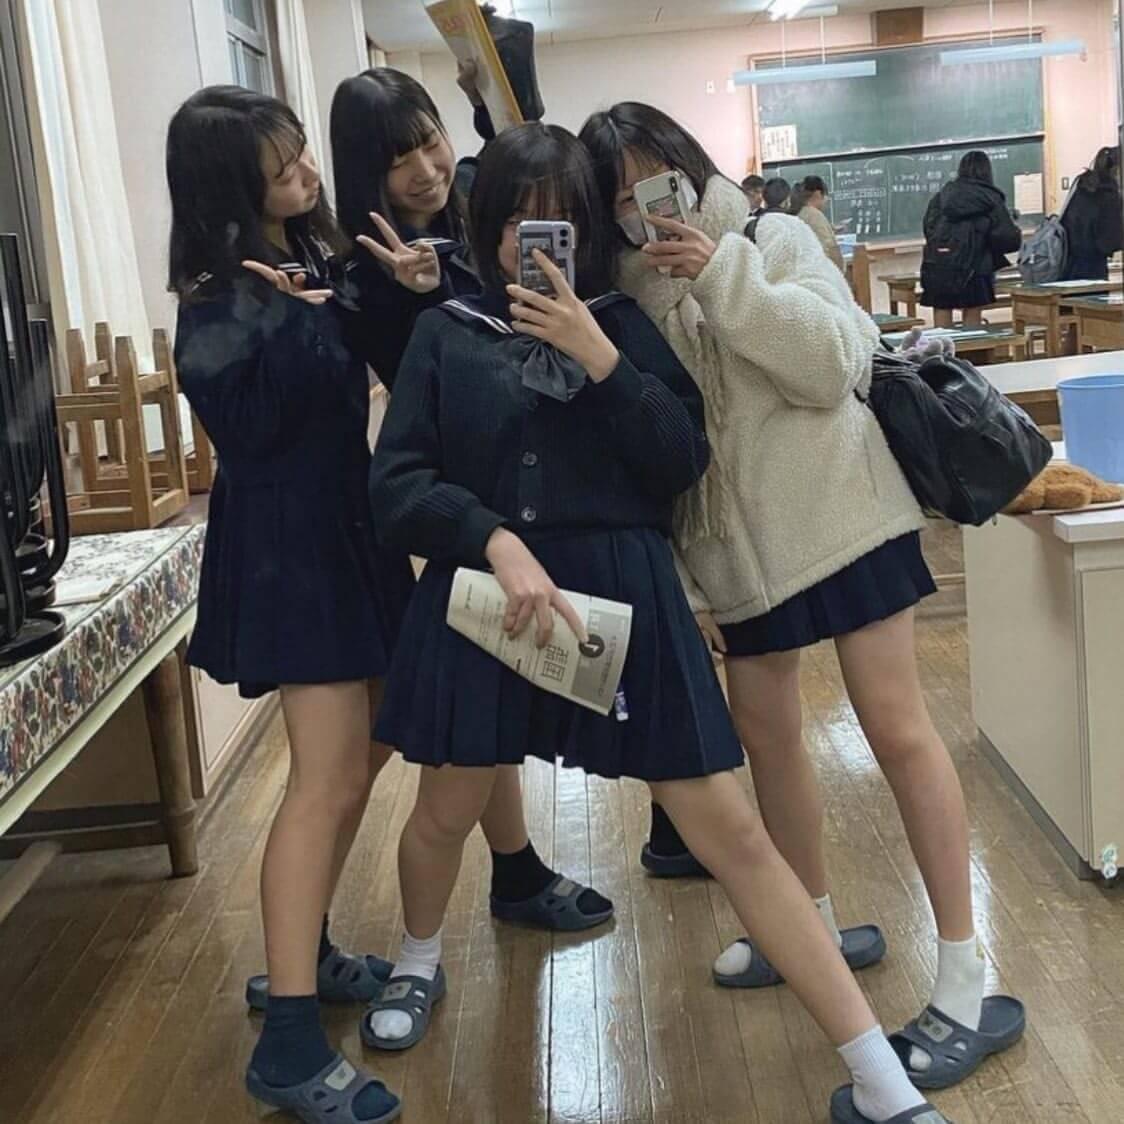 【画像】あぁ、なぜ高校時代に女子高生の魅力に気づかなったのか後悔する校内写真